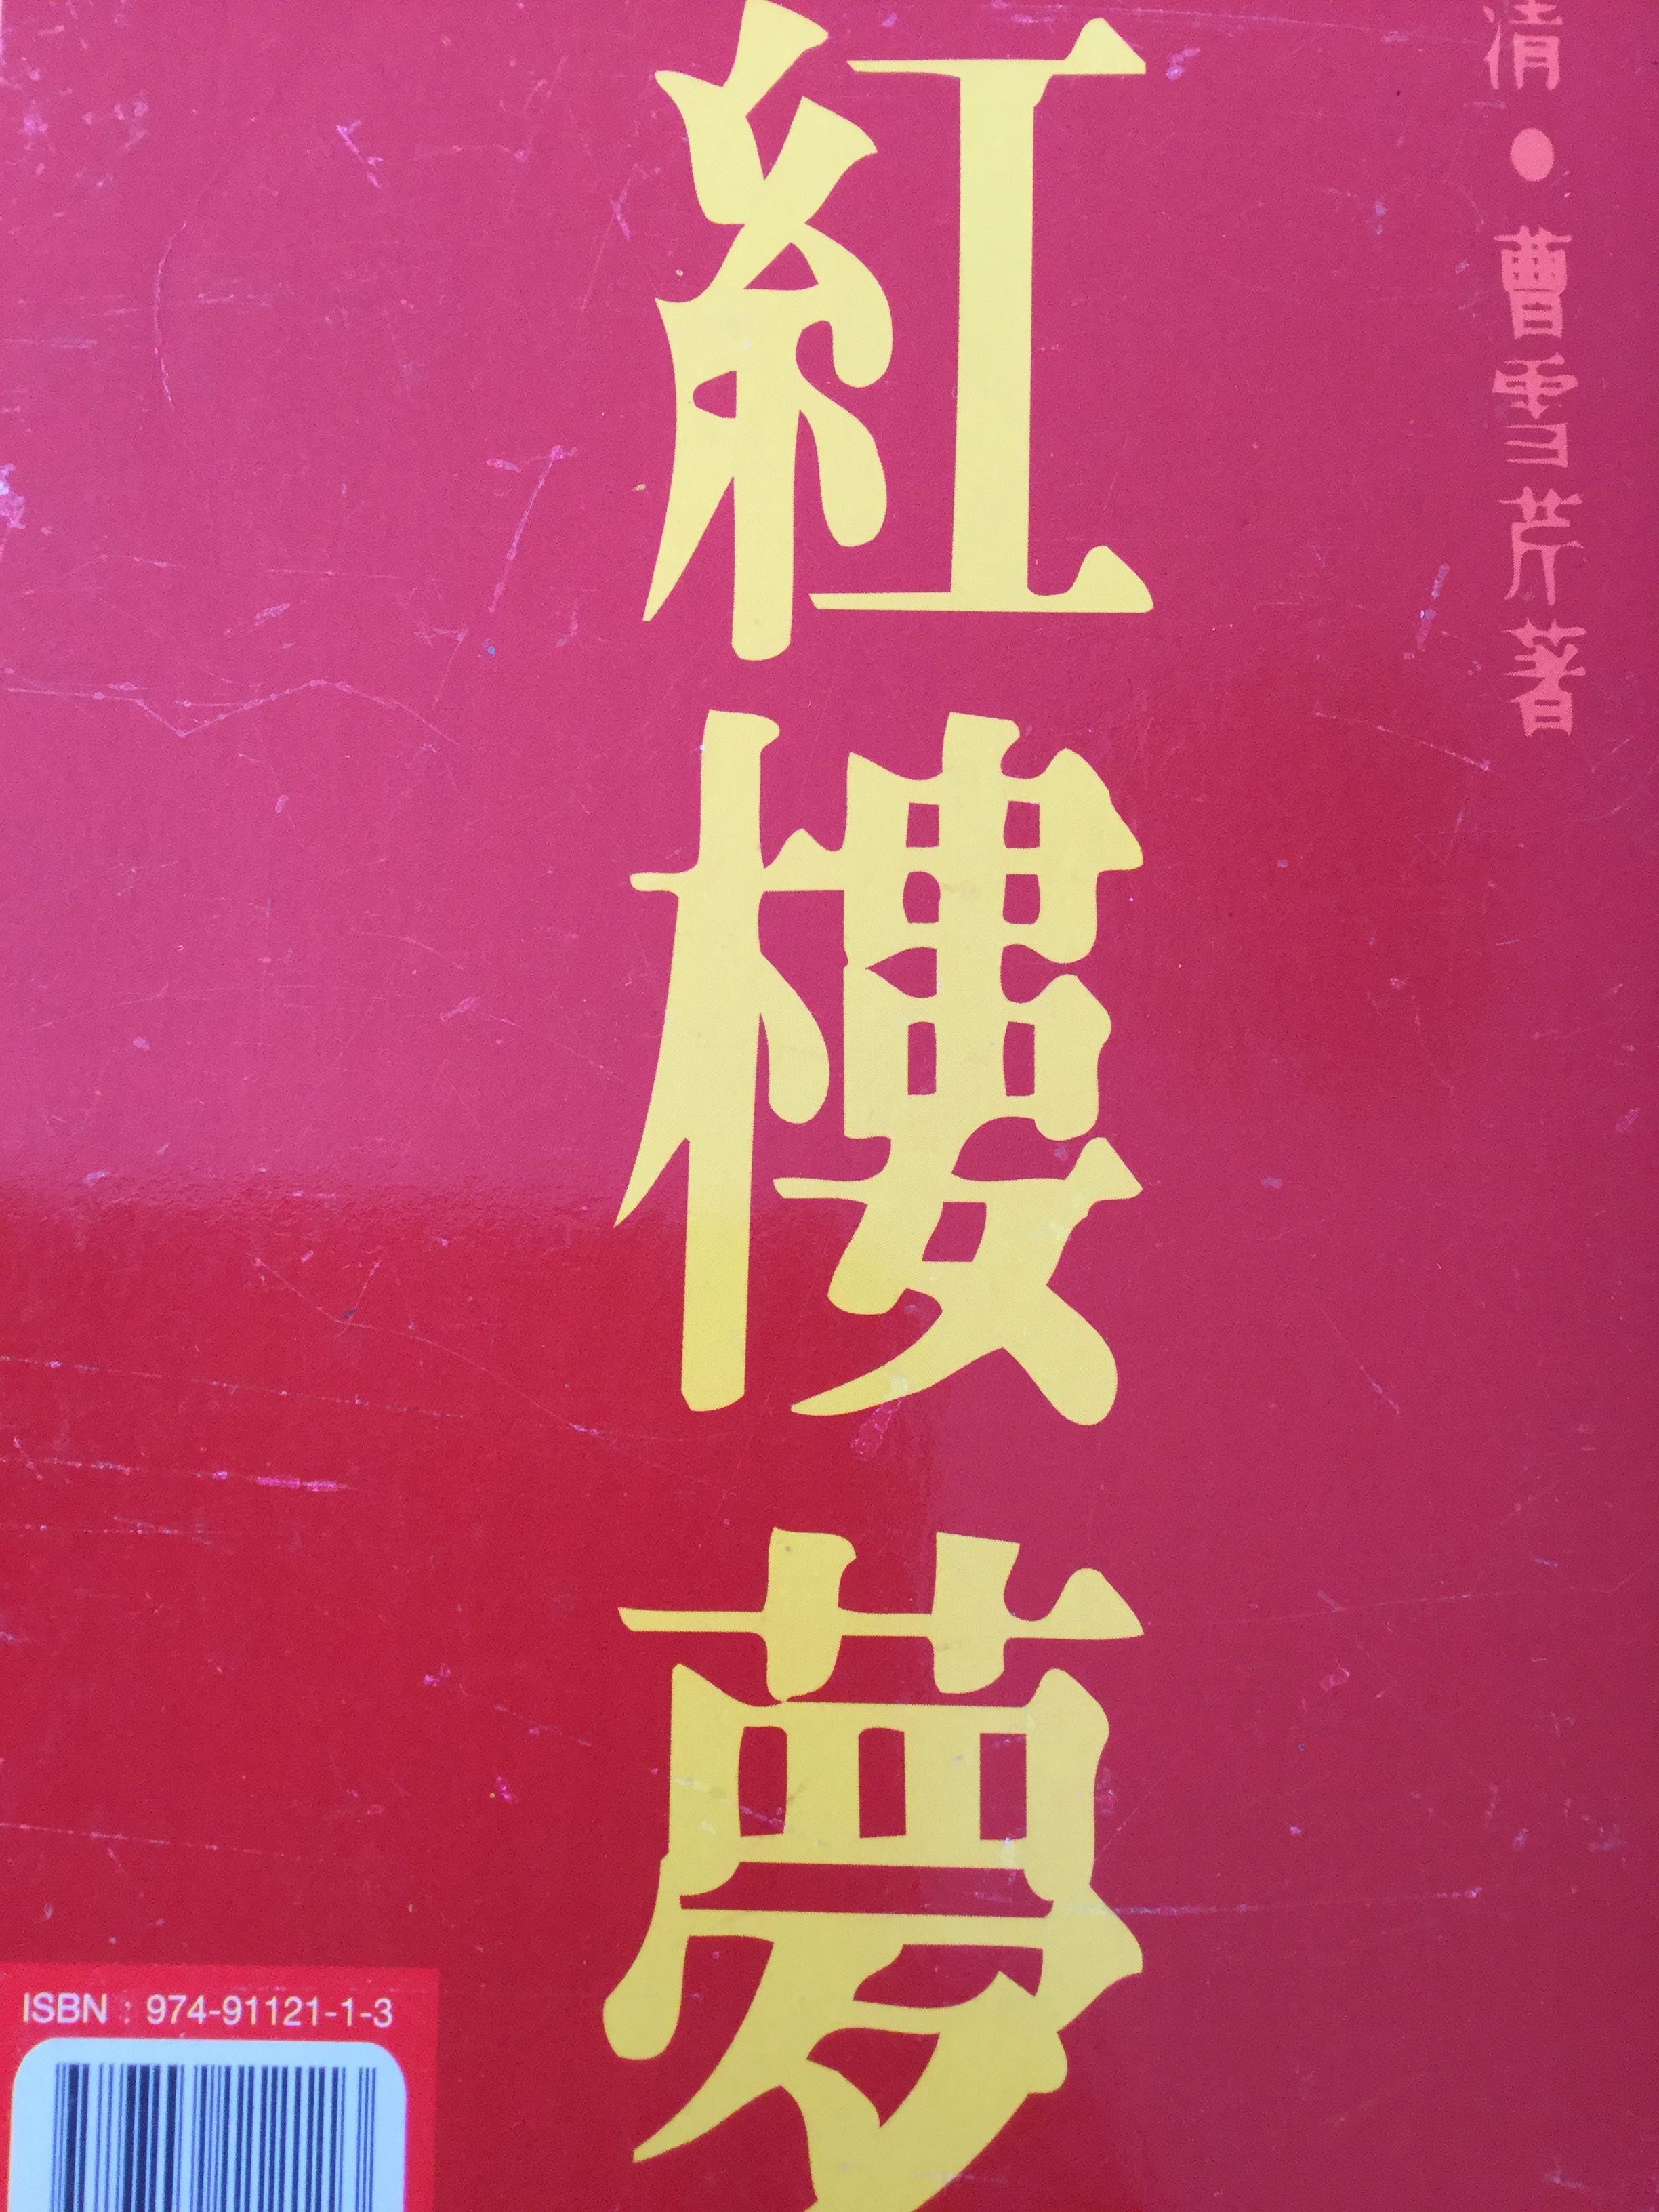 ความลับในหอแดง. หนึ่งในสี่สุดยอดวรรณกรรมจีน. ผู้เขียน เฉาเสี่ยวอ้นและเกาเออ ผู้แปล วรทัศน์ เดชจิตกร.